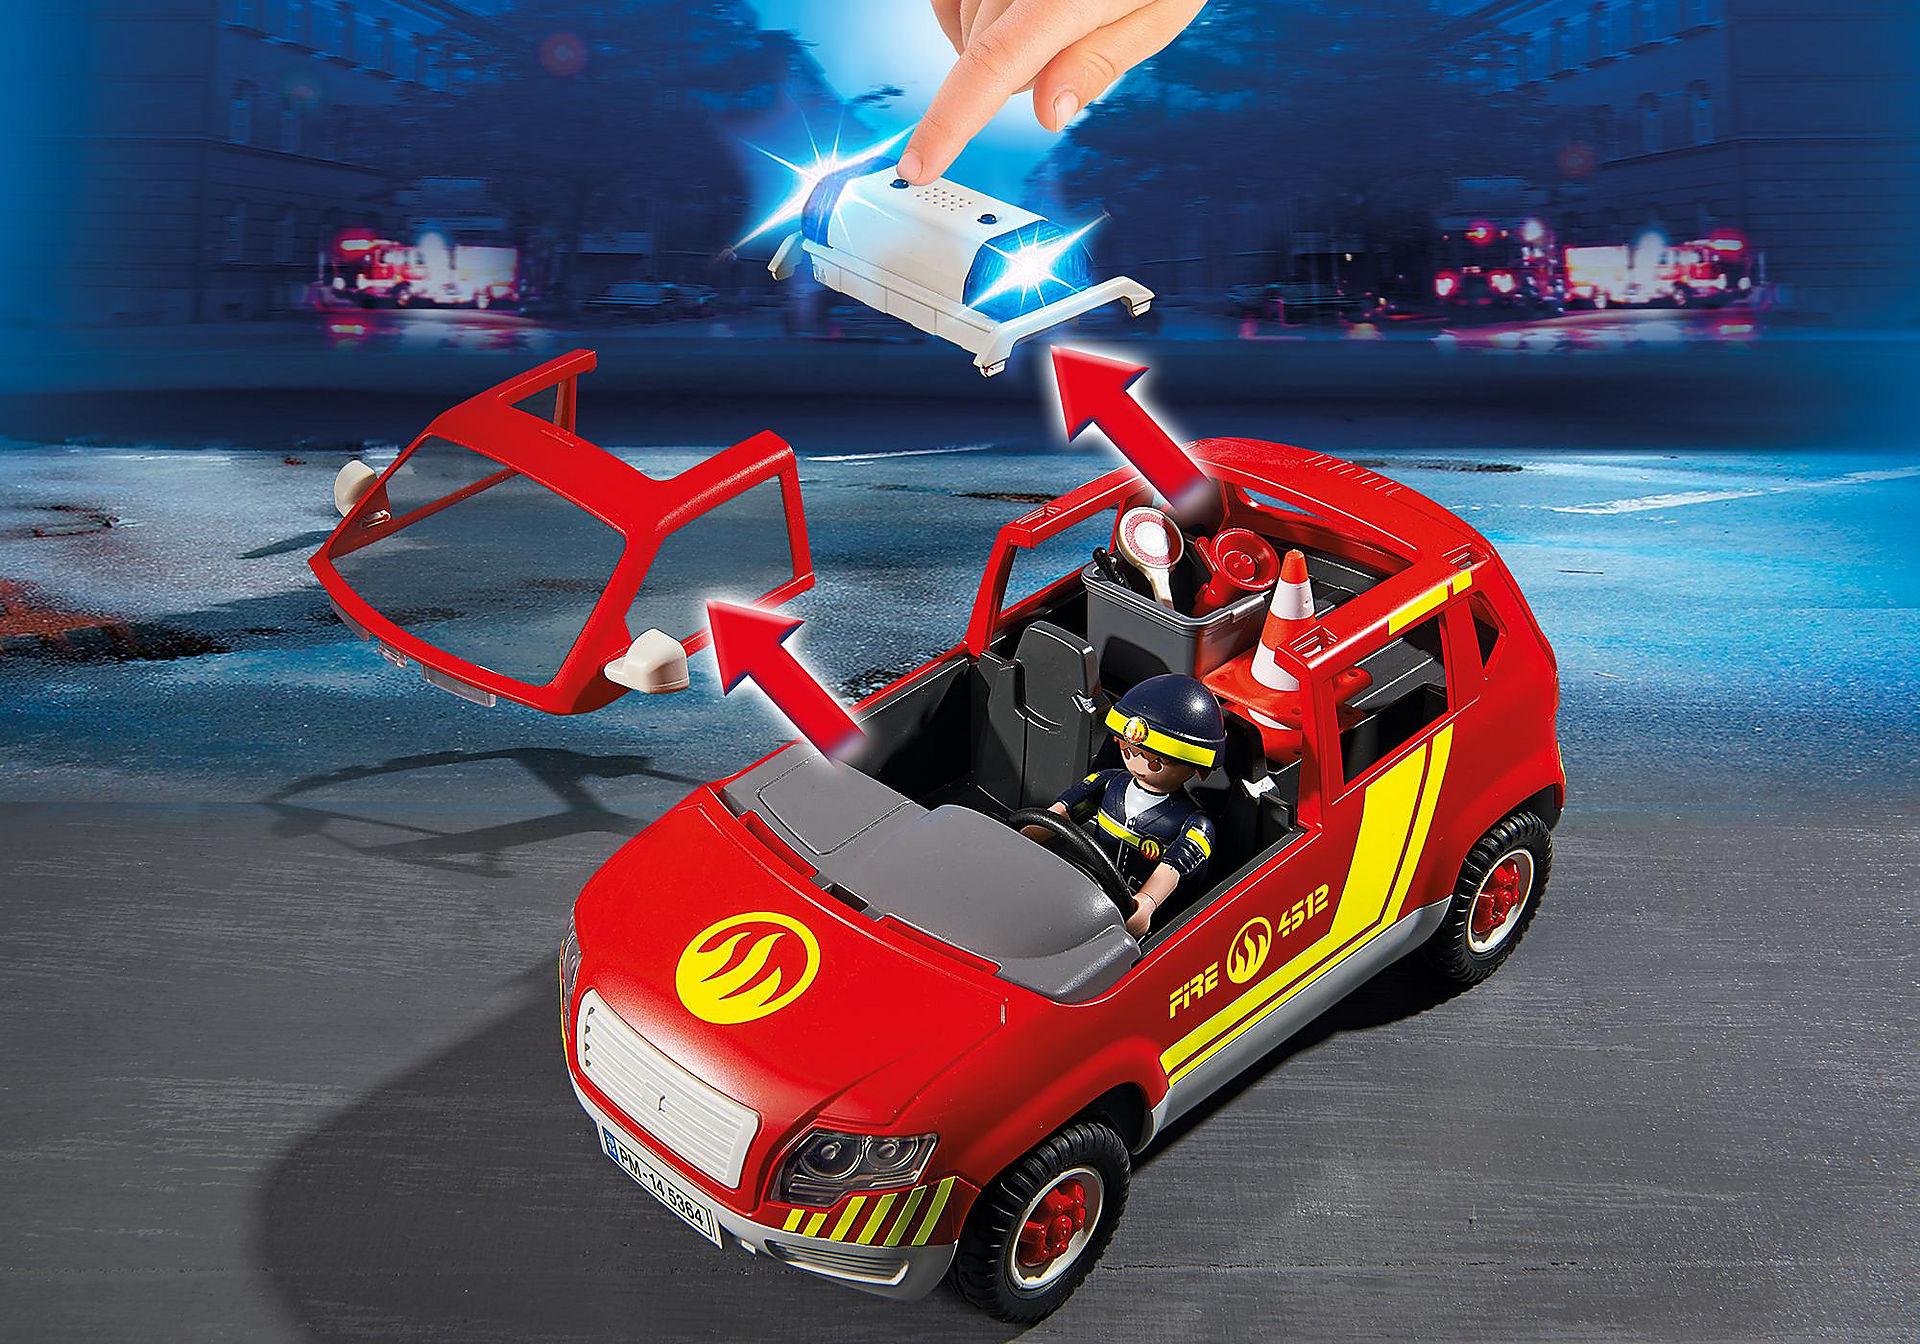 http://media.playmobil.com/i/playmobil/5364_product_extra1/Brandweercommandant met dienstwagen met licht en sirene